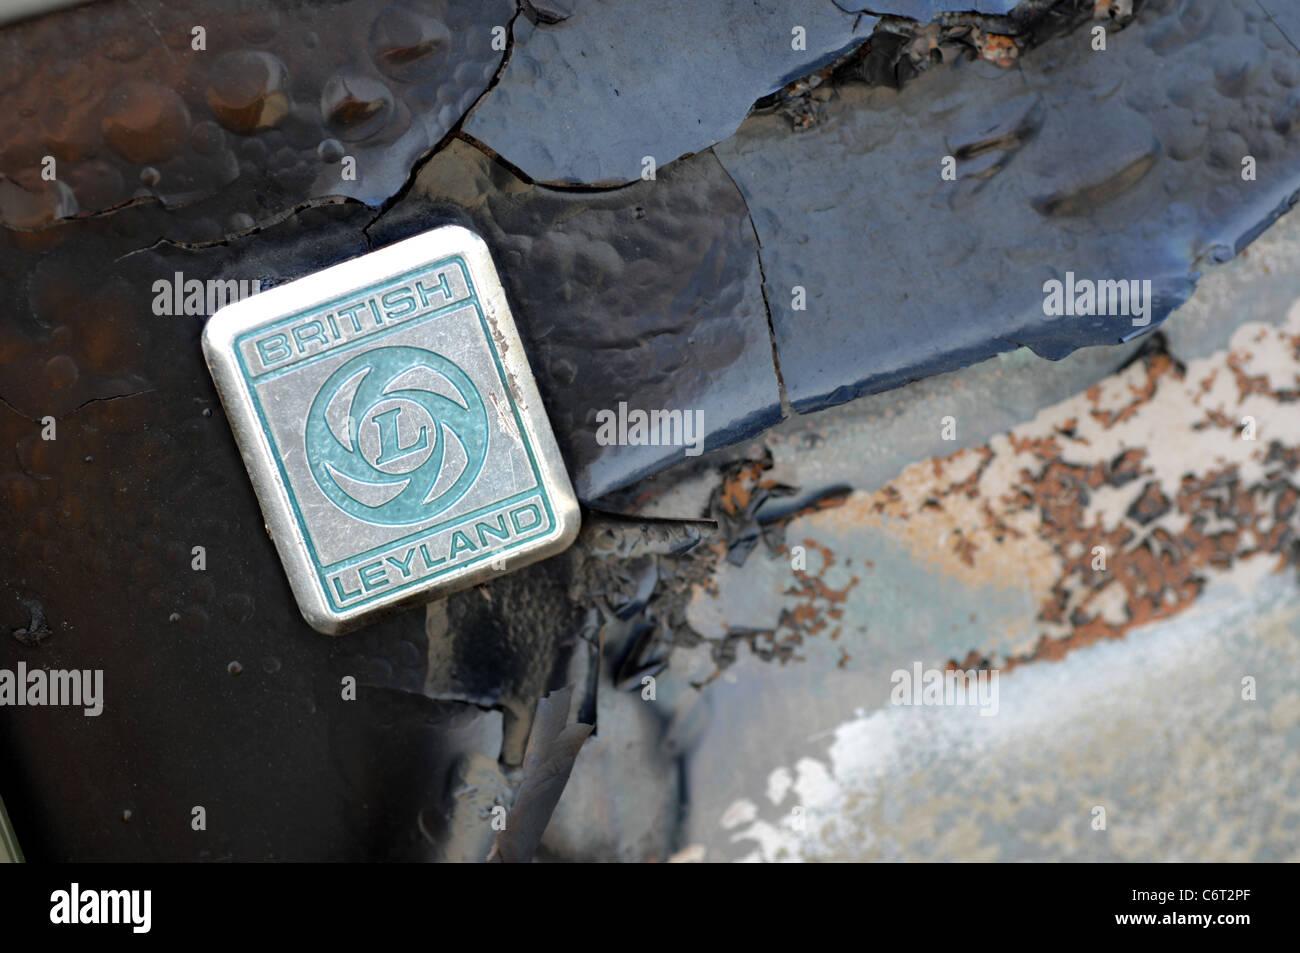 British Leyland badge on a rusty burnt vehicle - Stock Image